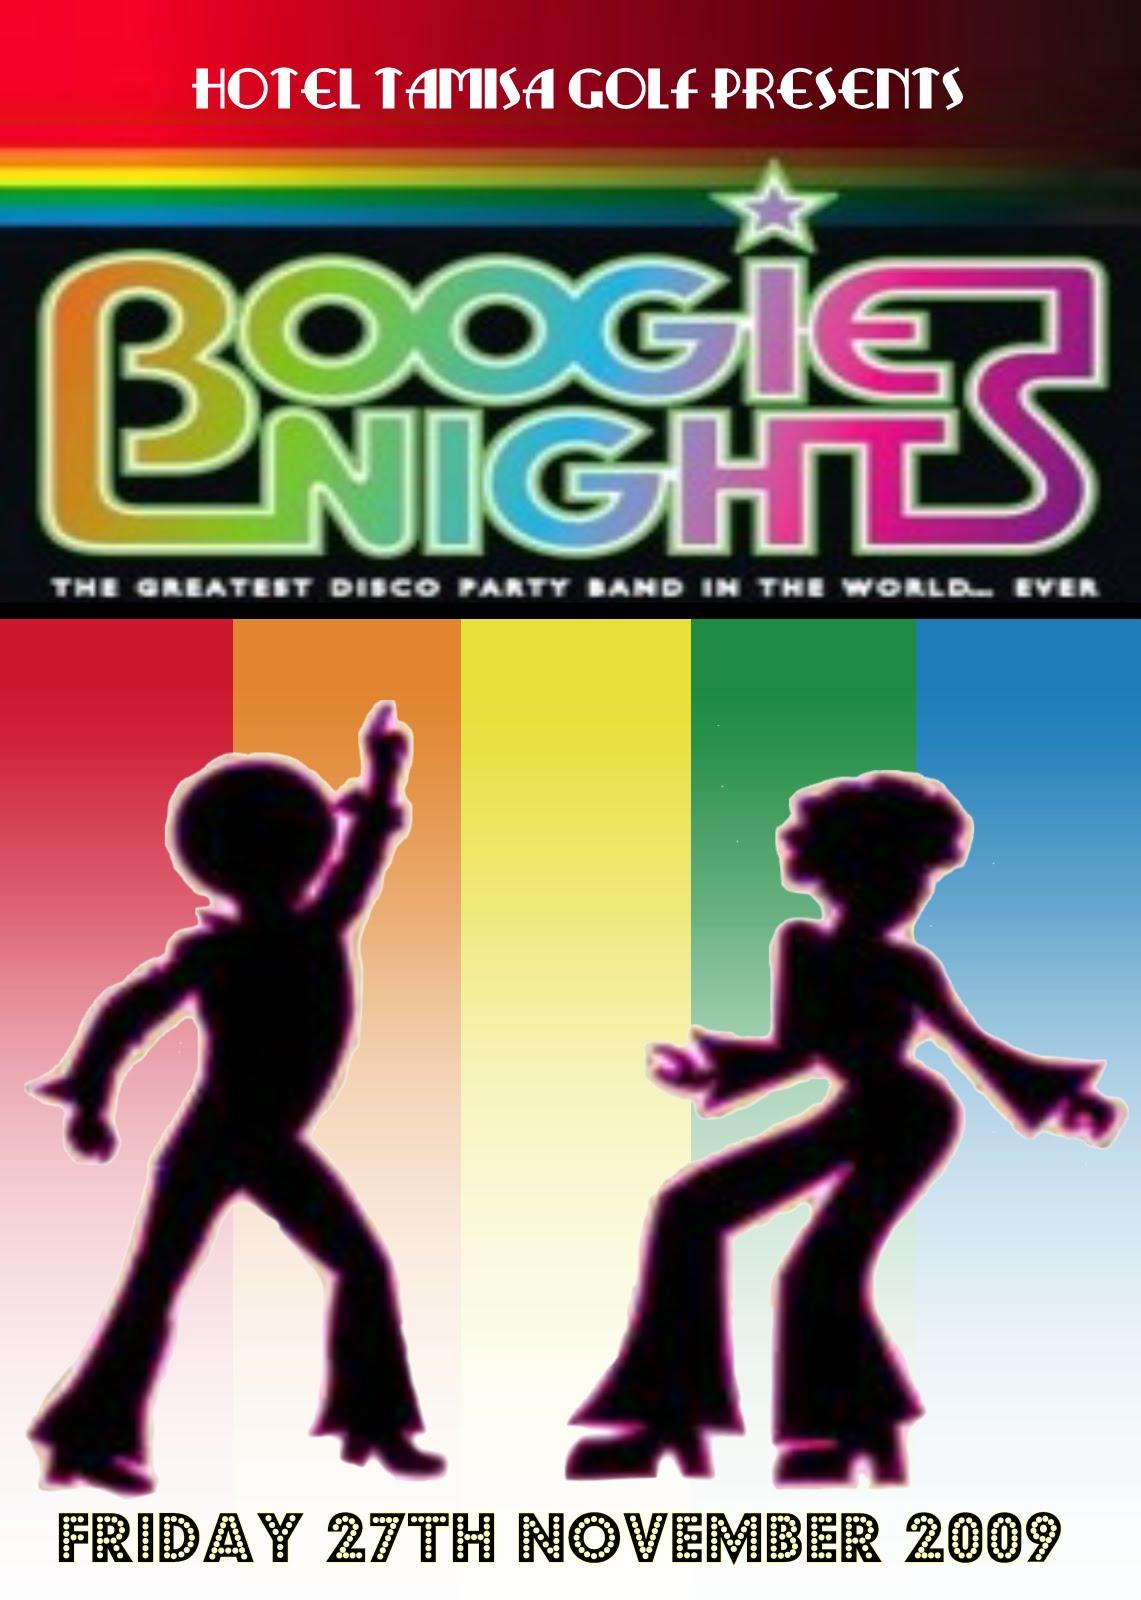 http://4.bp.blogspot.com/_tg0Cm8kqBVA/SwpvZL4juLI/AAAAAAAAACI/yugIymLvyd4/s1600/Boogie+Night.jpg